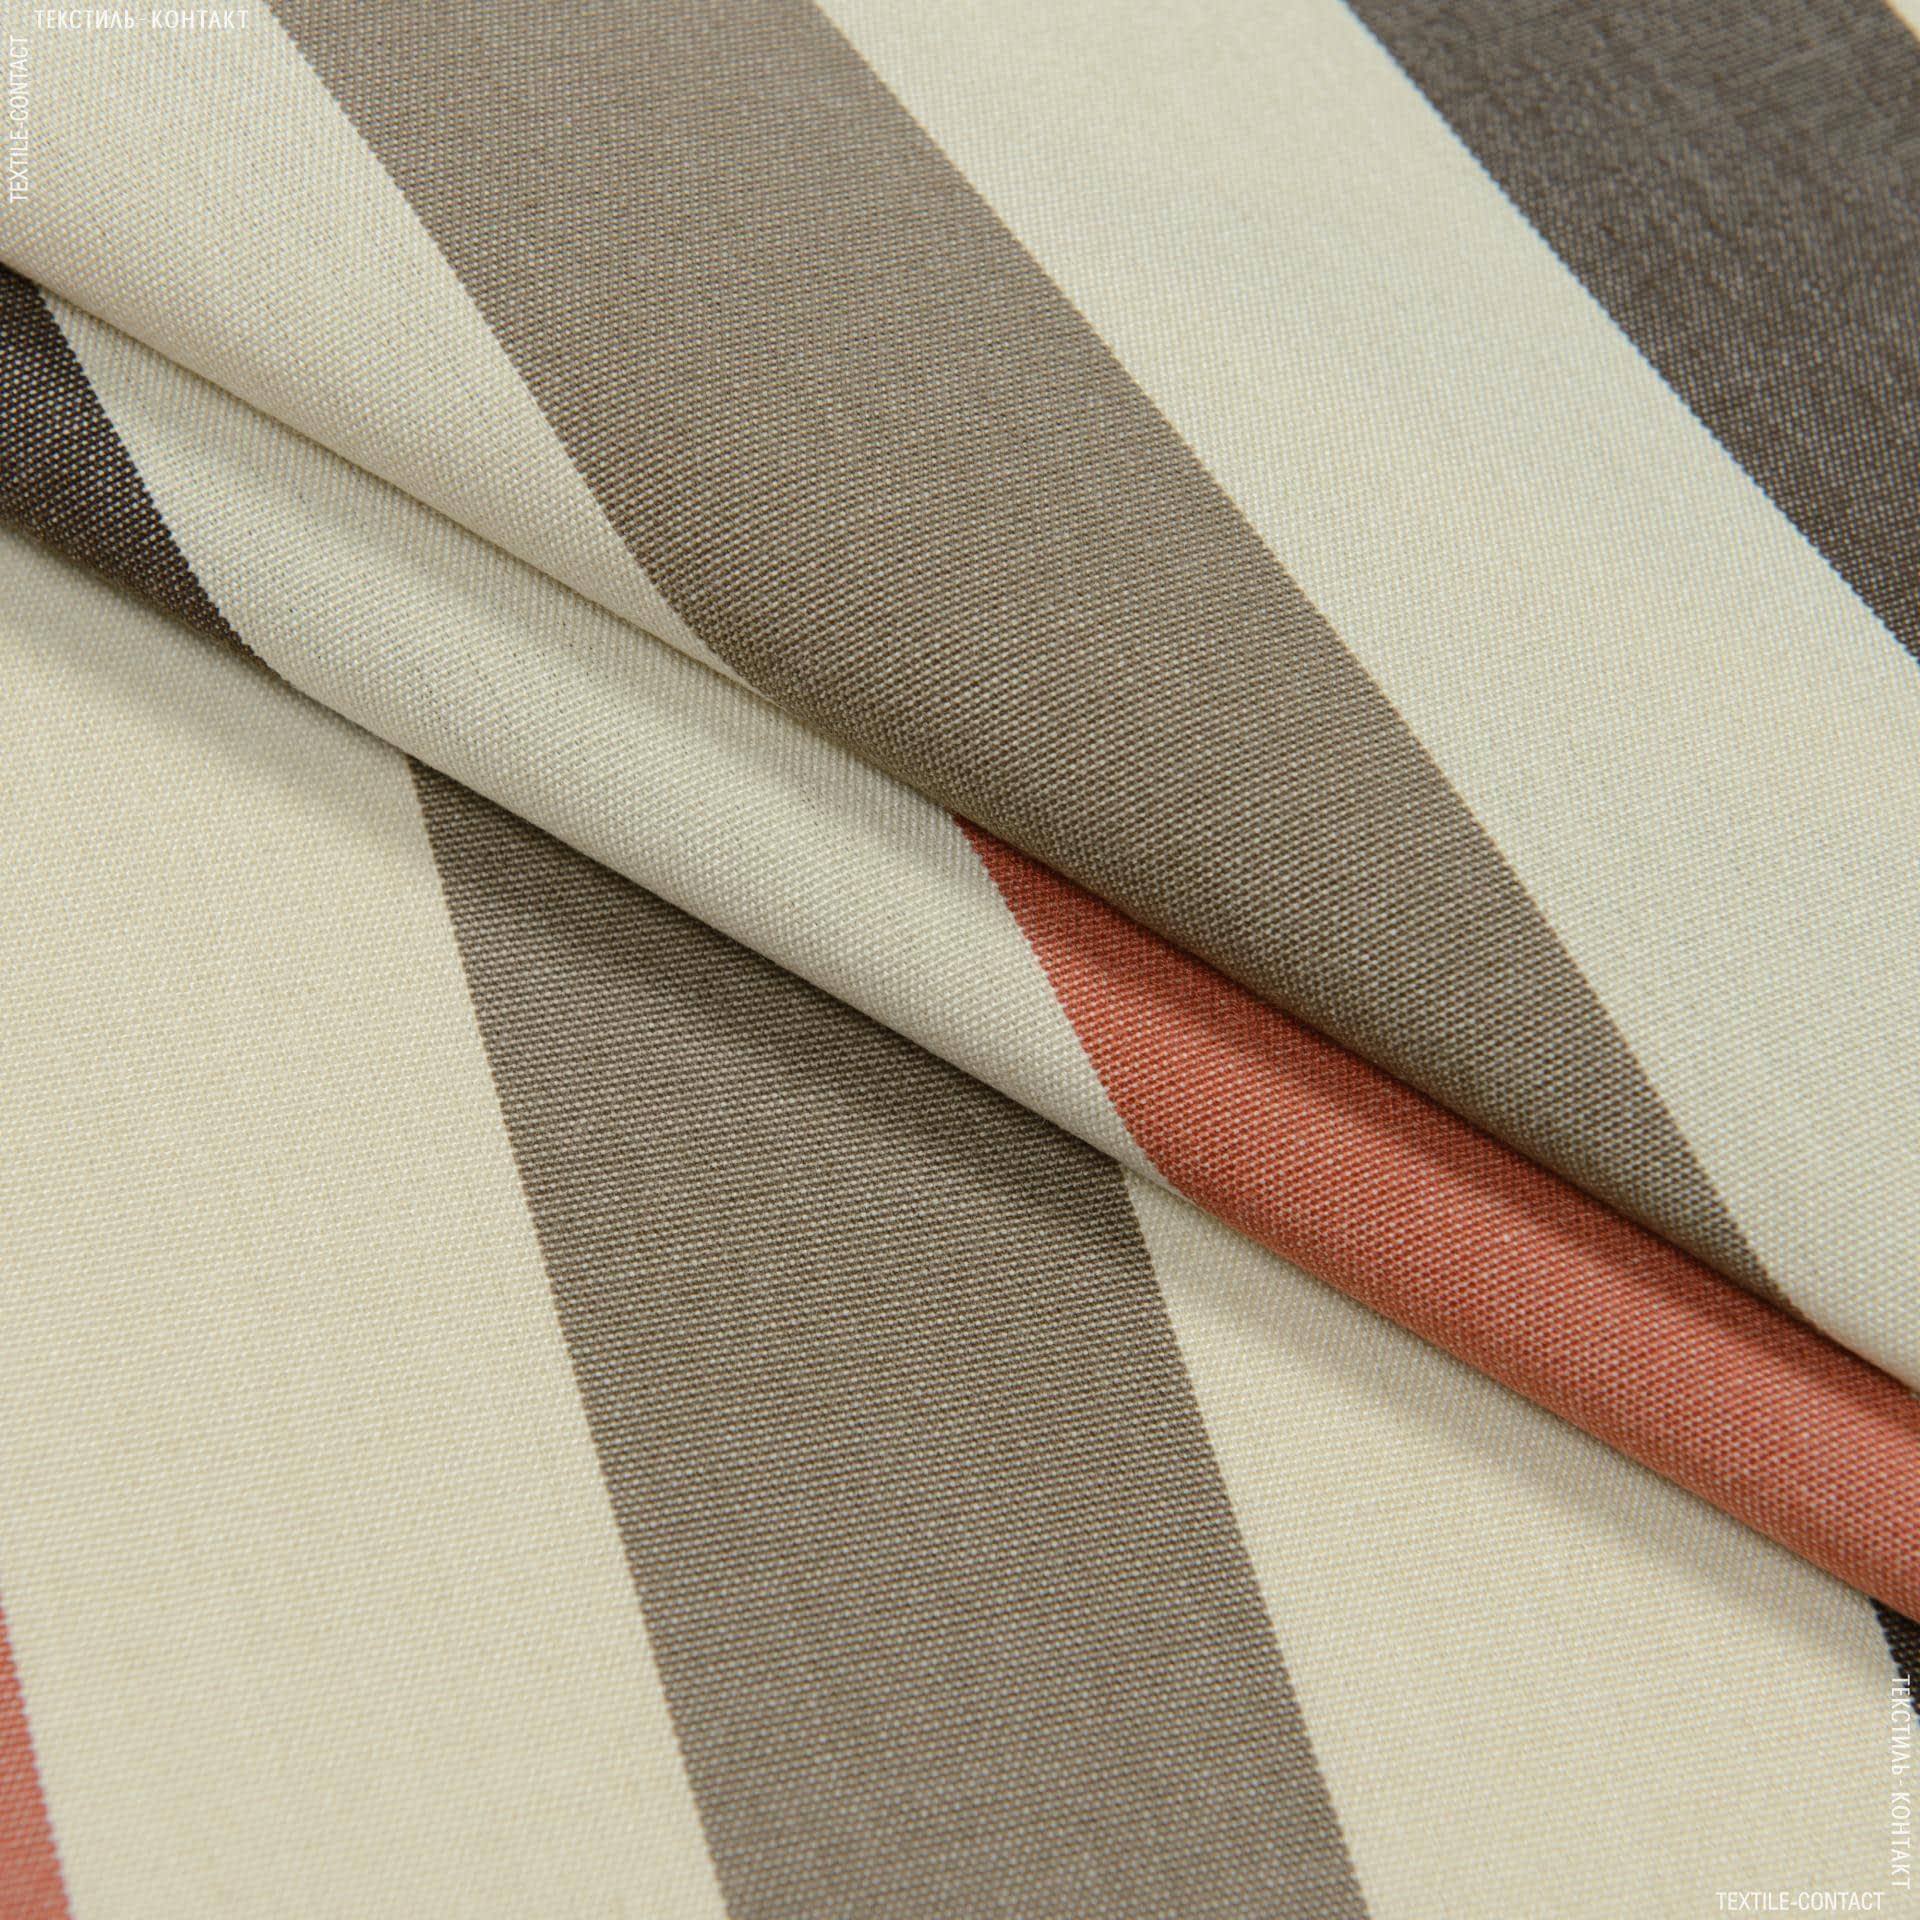 Ткани портьерные ткани - Дралон полоса  /  крем, беж , коричневый  FRBS1